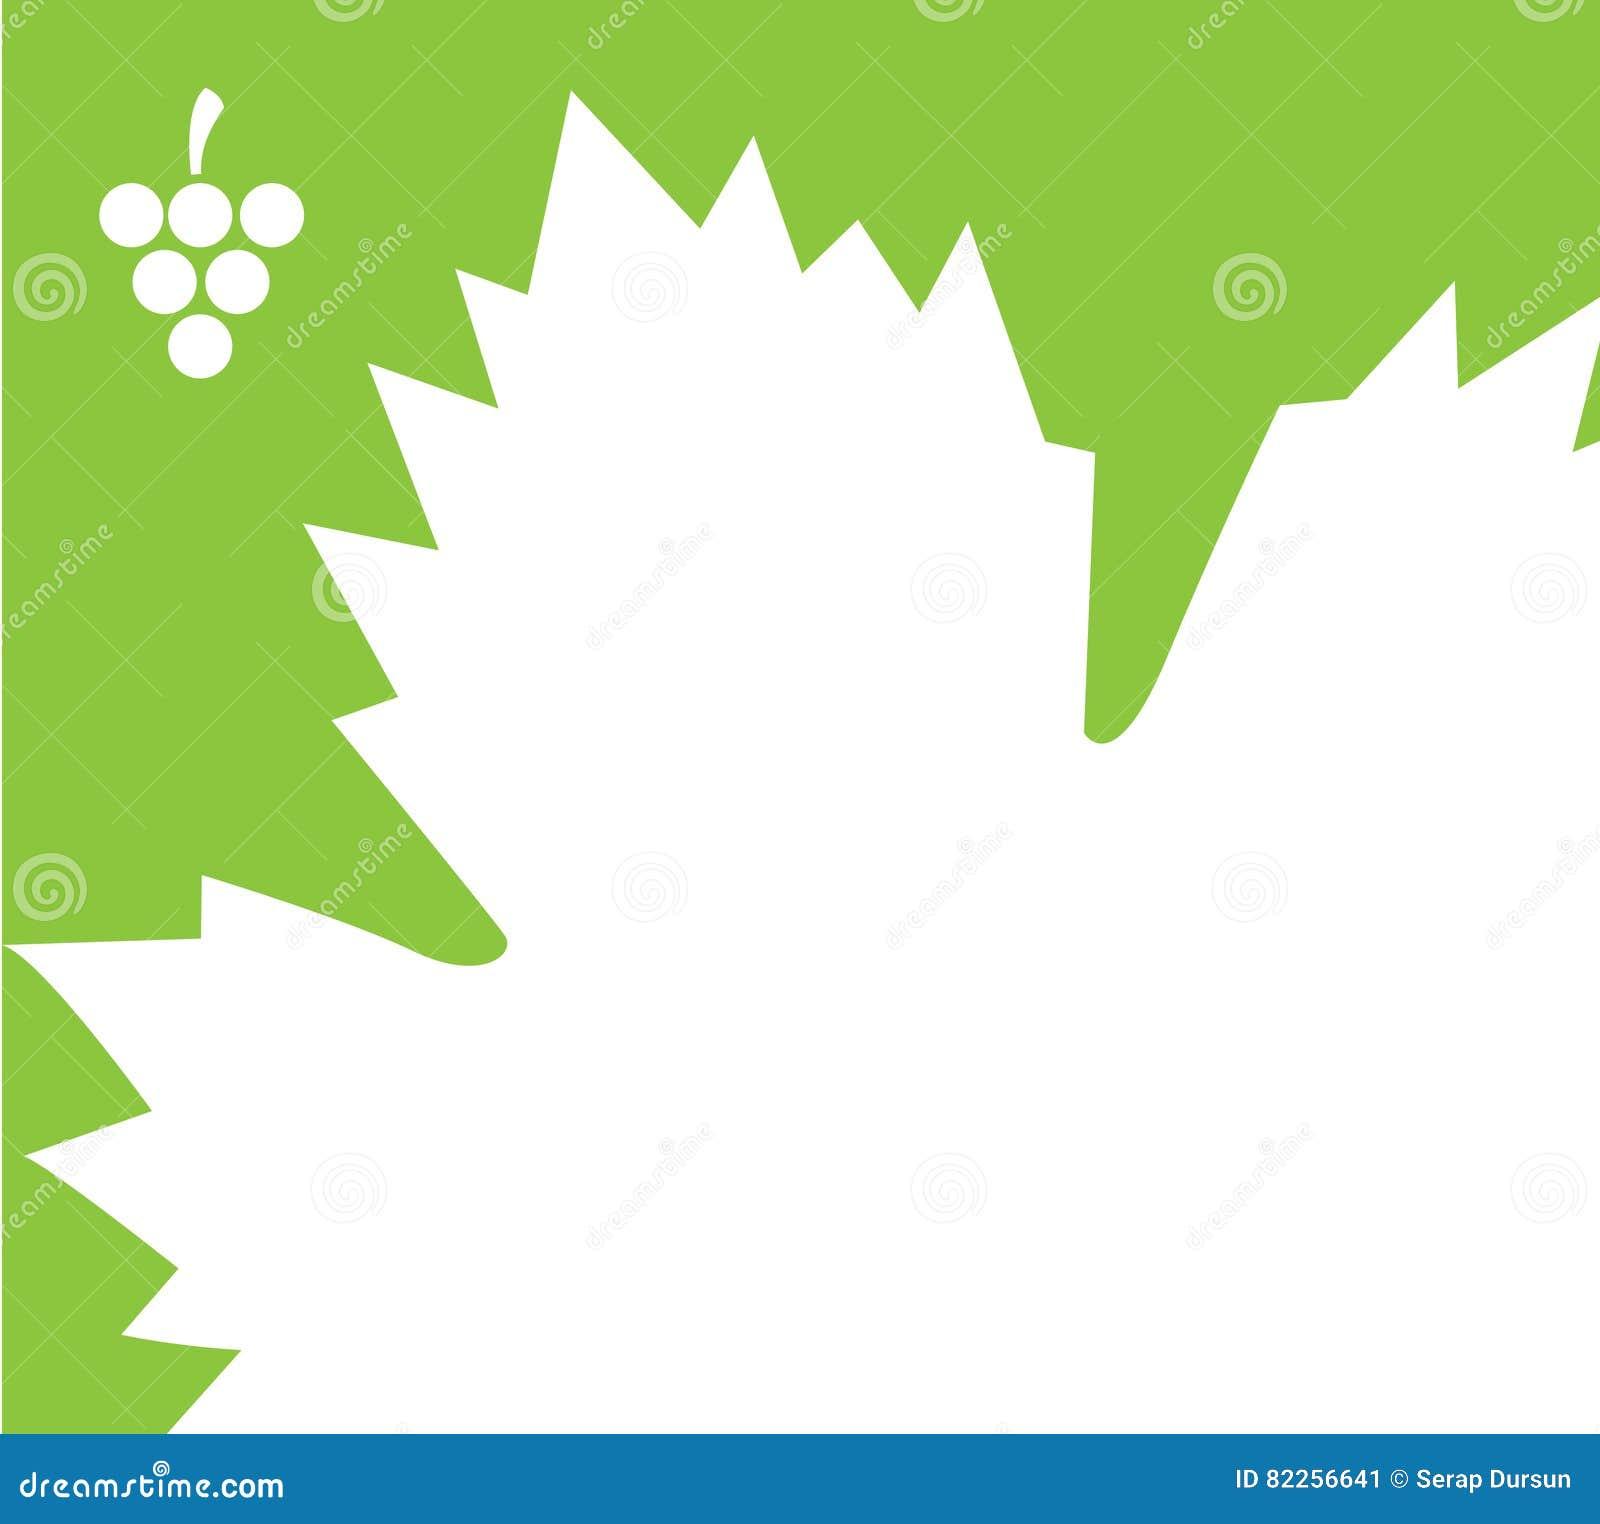 Diseño De La Plantilla Para Las Uvas Y Las Hojas Ilustración del ...